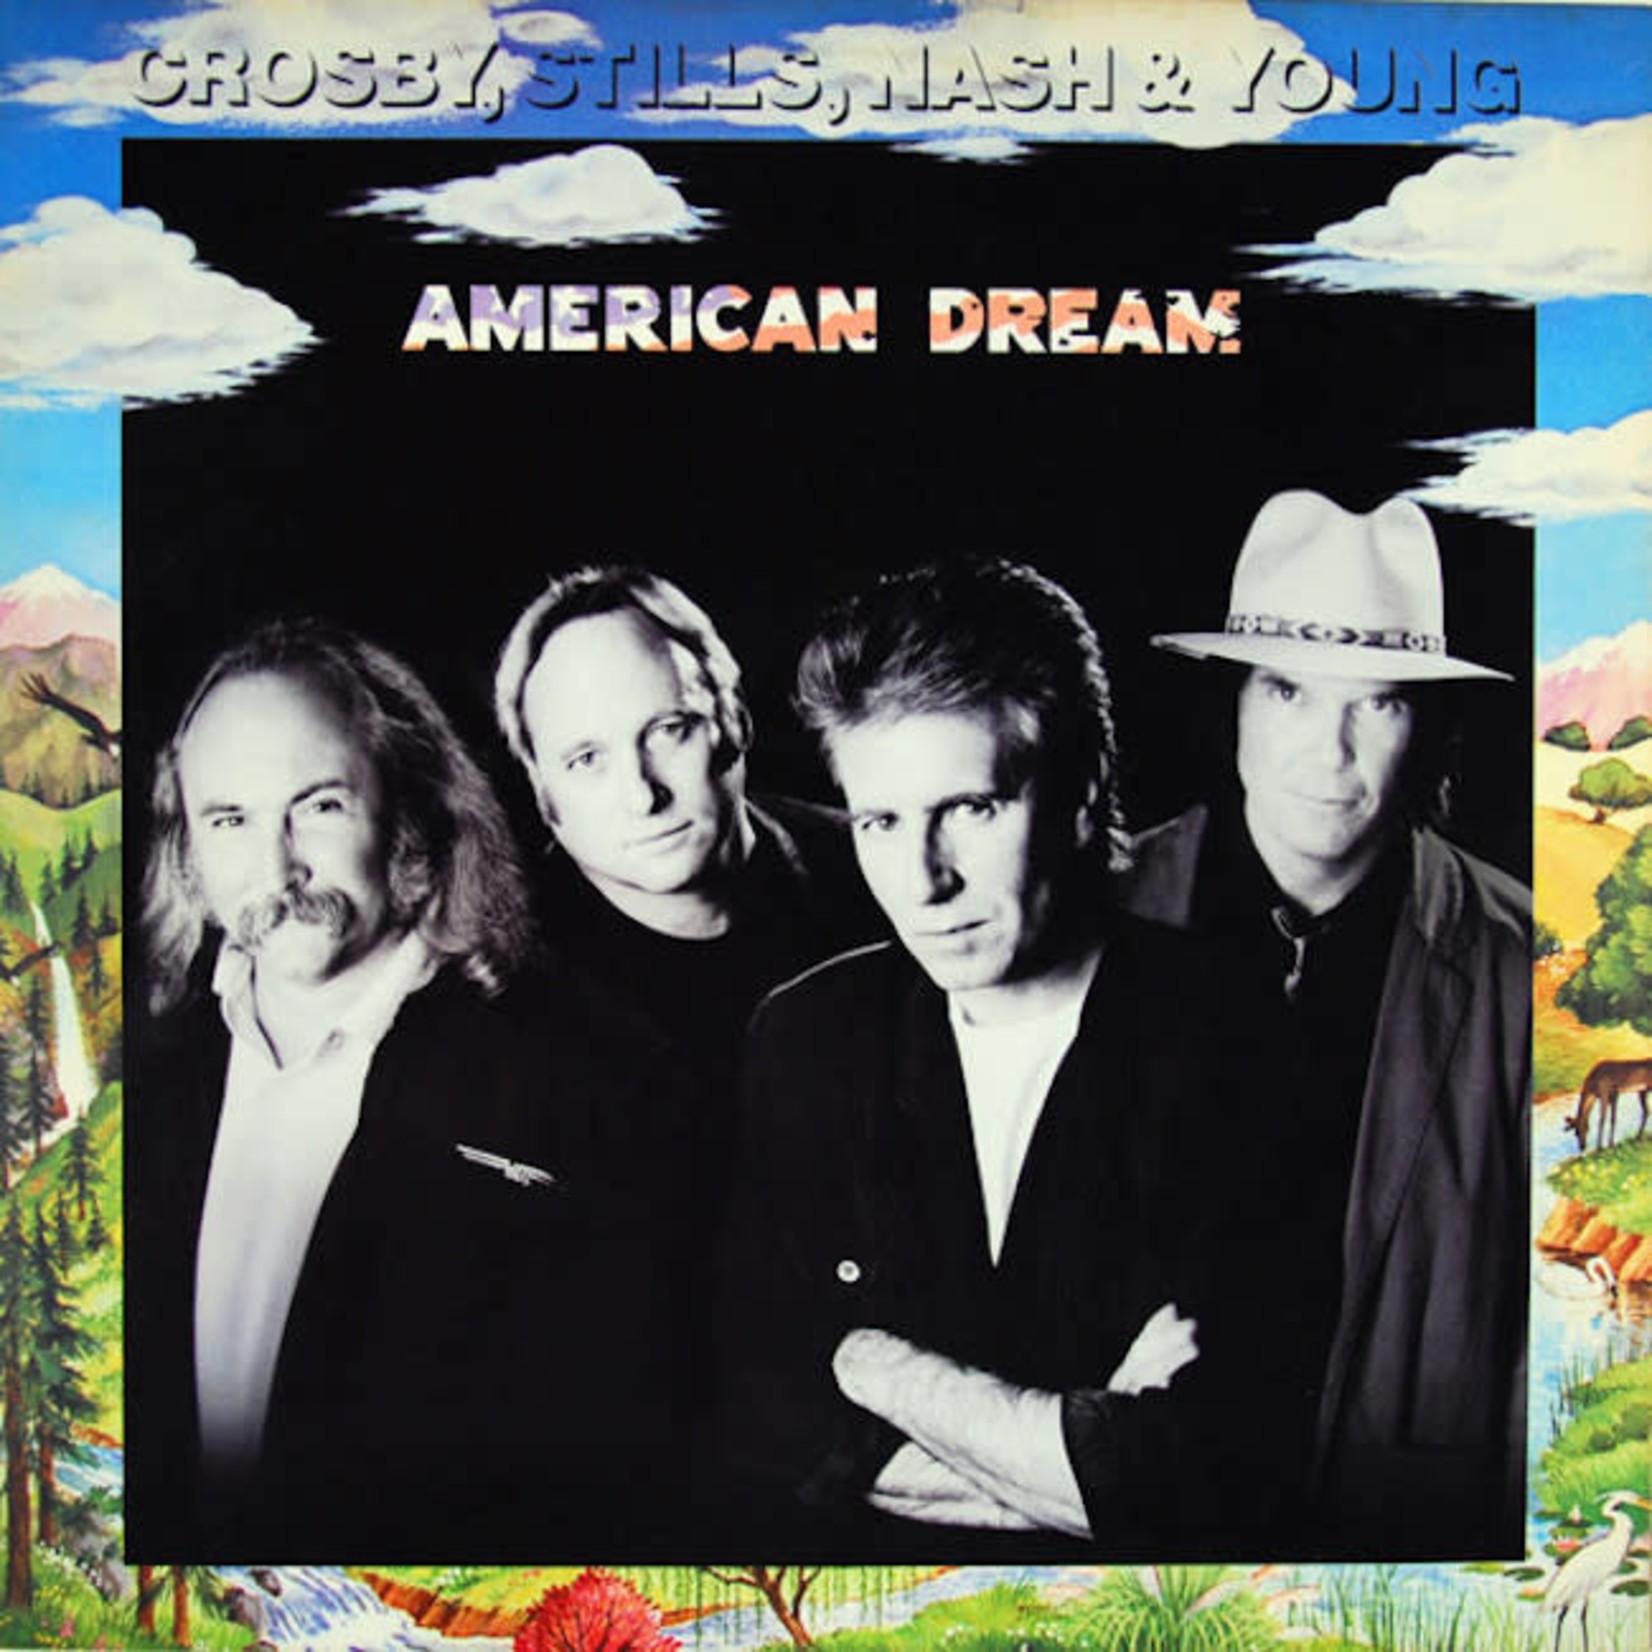 [Vintage] Crosby, Stills, Nash & Young: American Dream